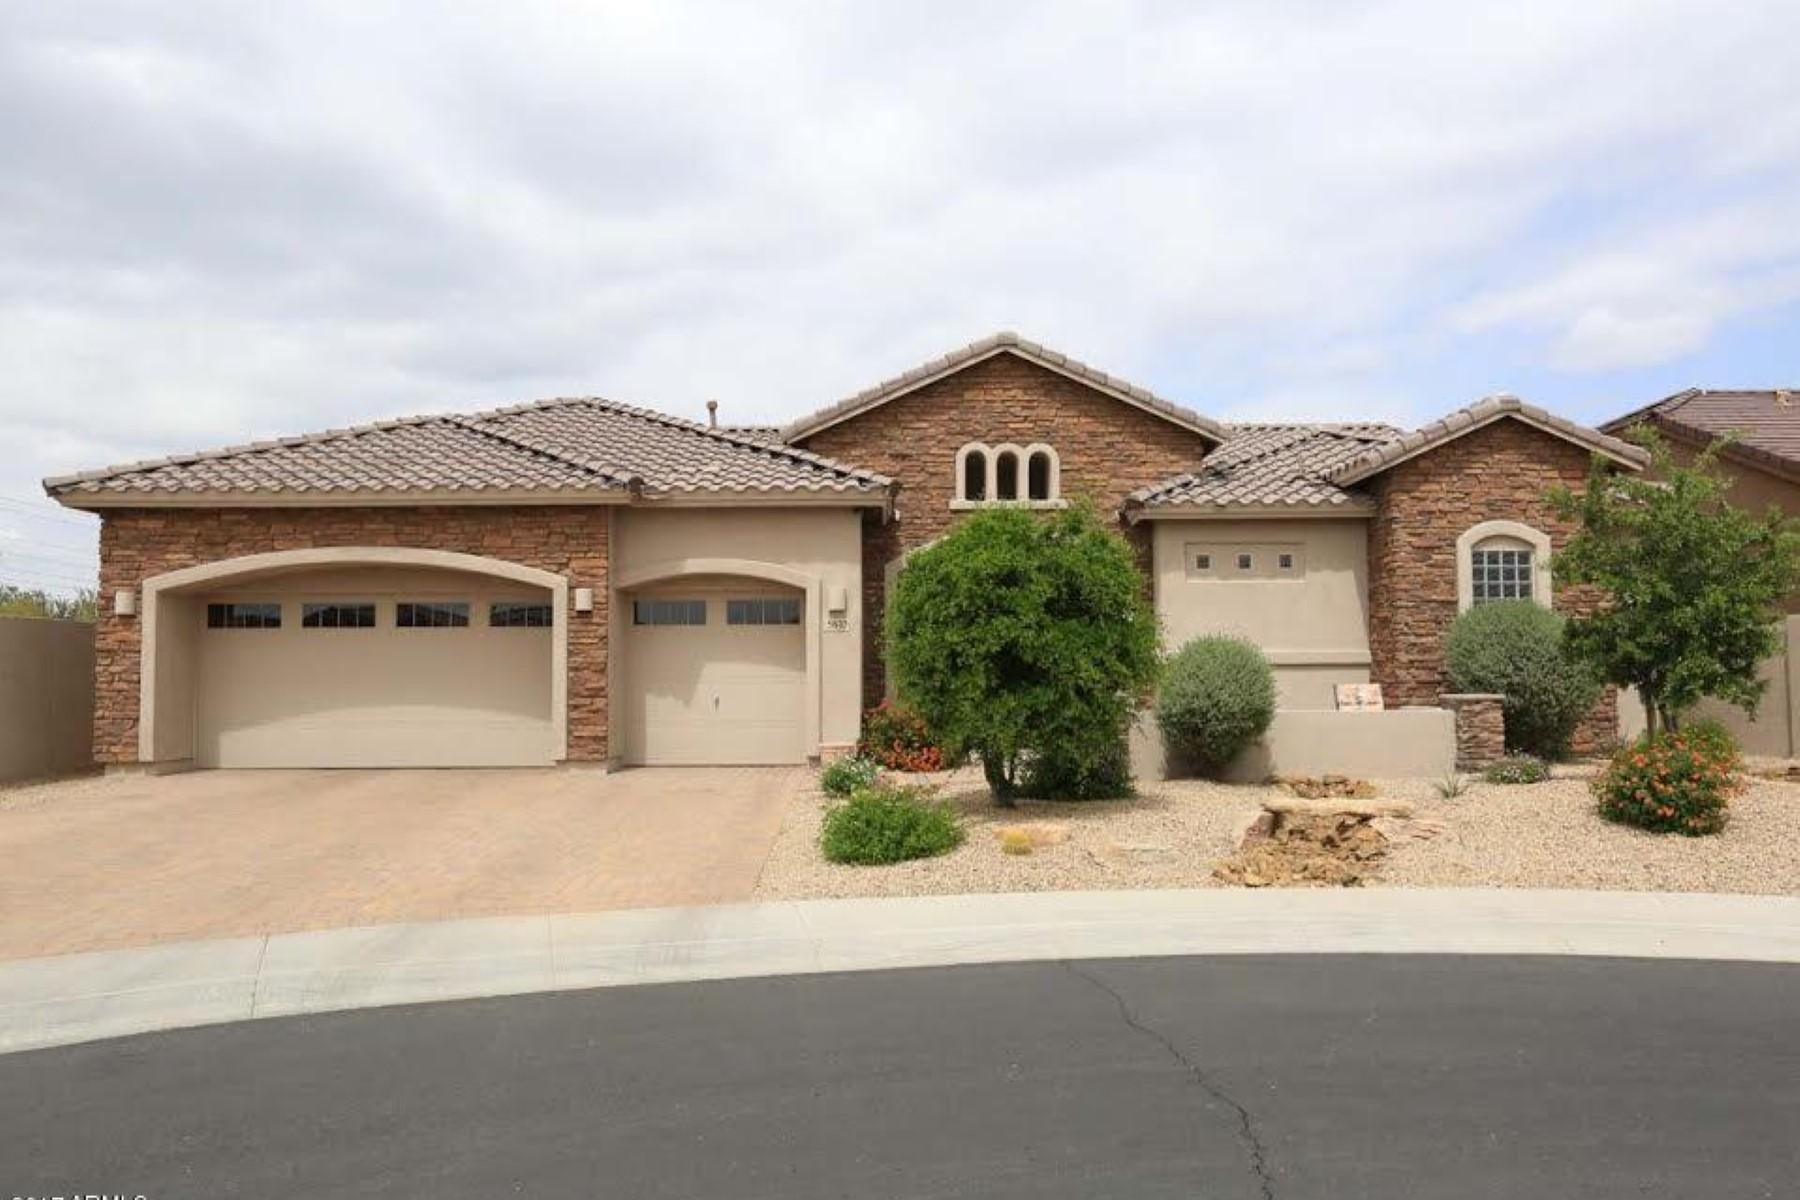 獨棟家庭住宅 為 出售 在 Charming home in the highly desirable Lone Mountain Ranch gated community 5610 E Sleepy Ranch Rd Cave Creek, 亞利桑那州, 85331 美國